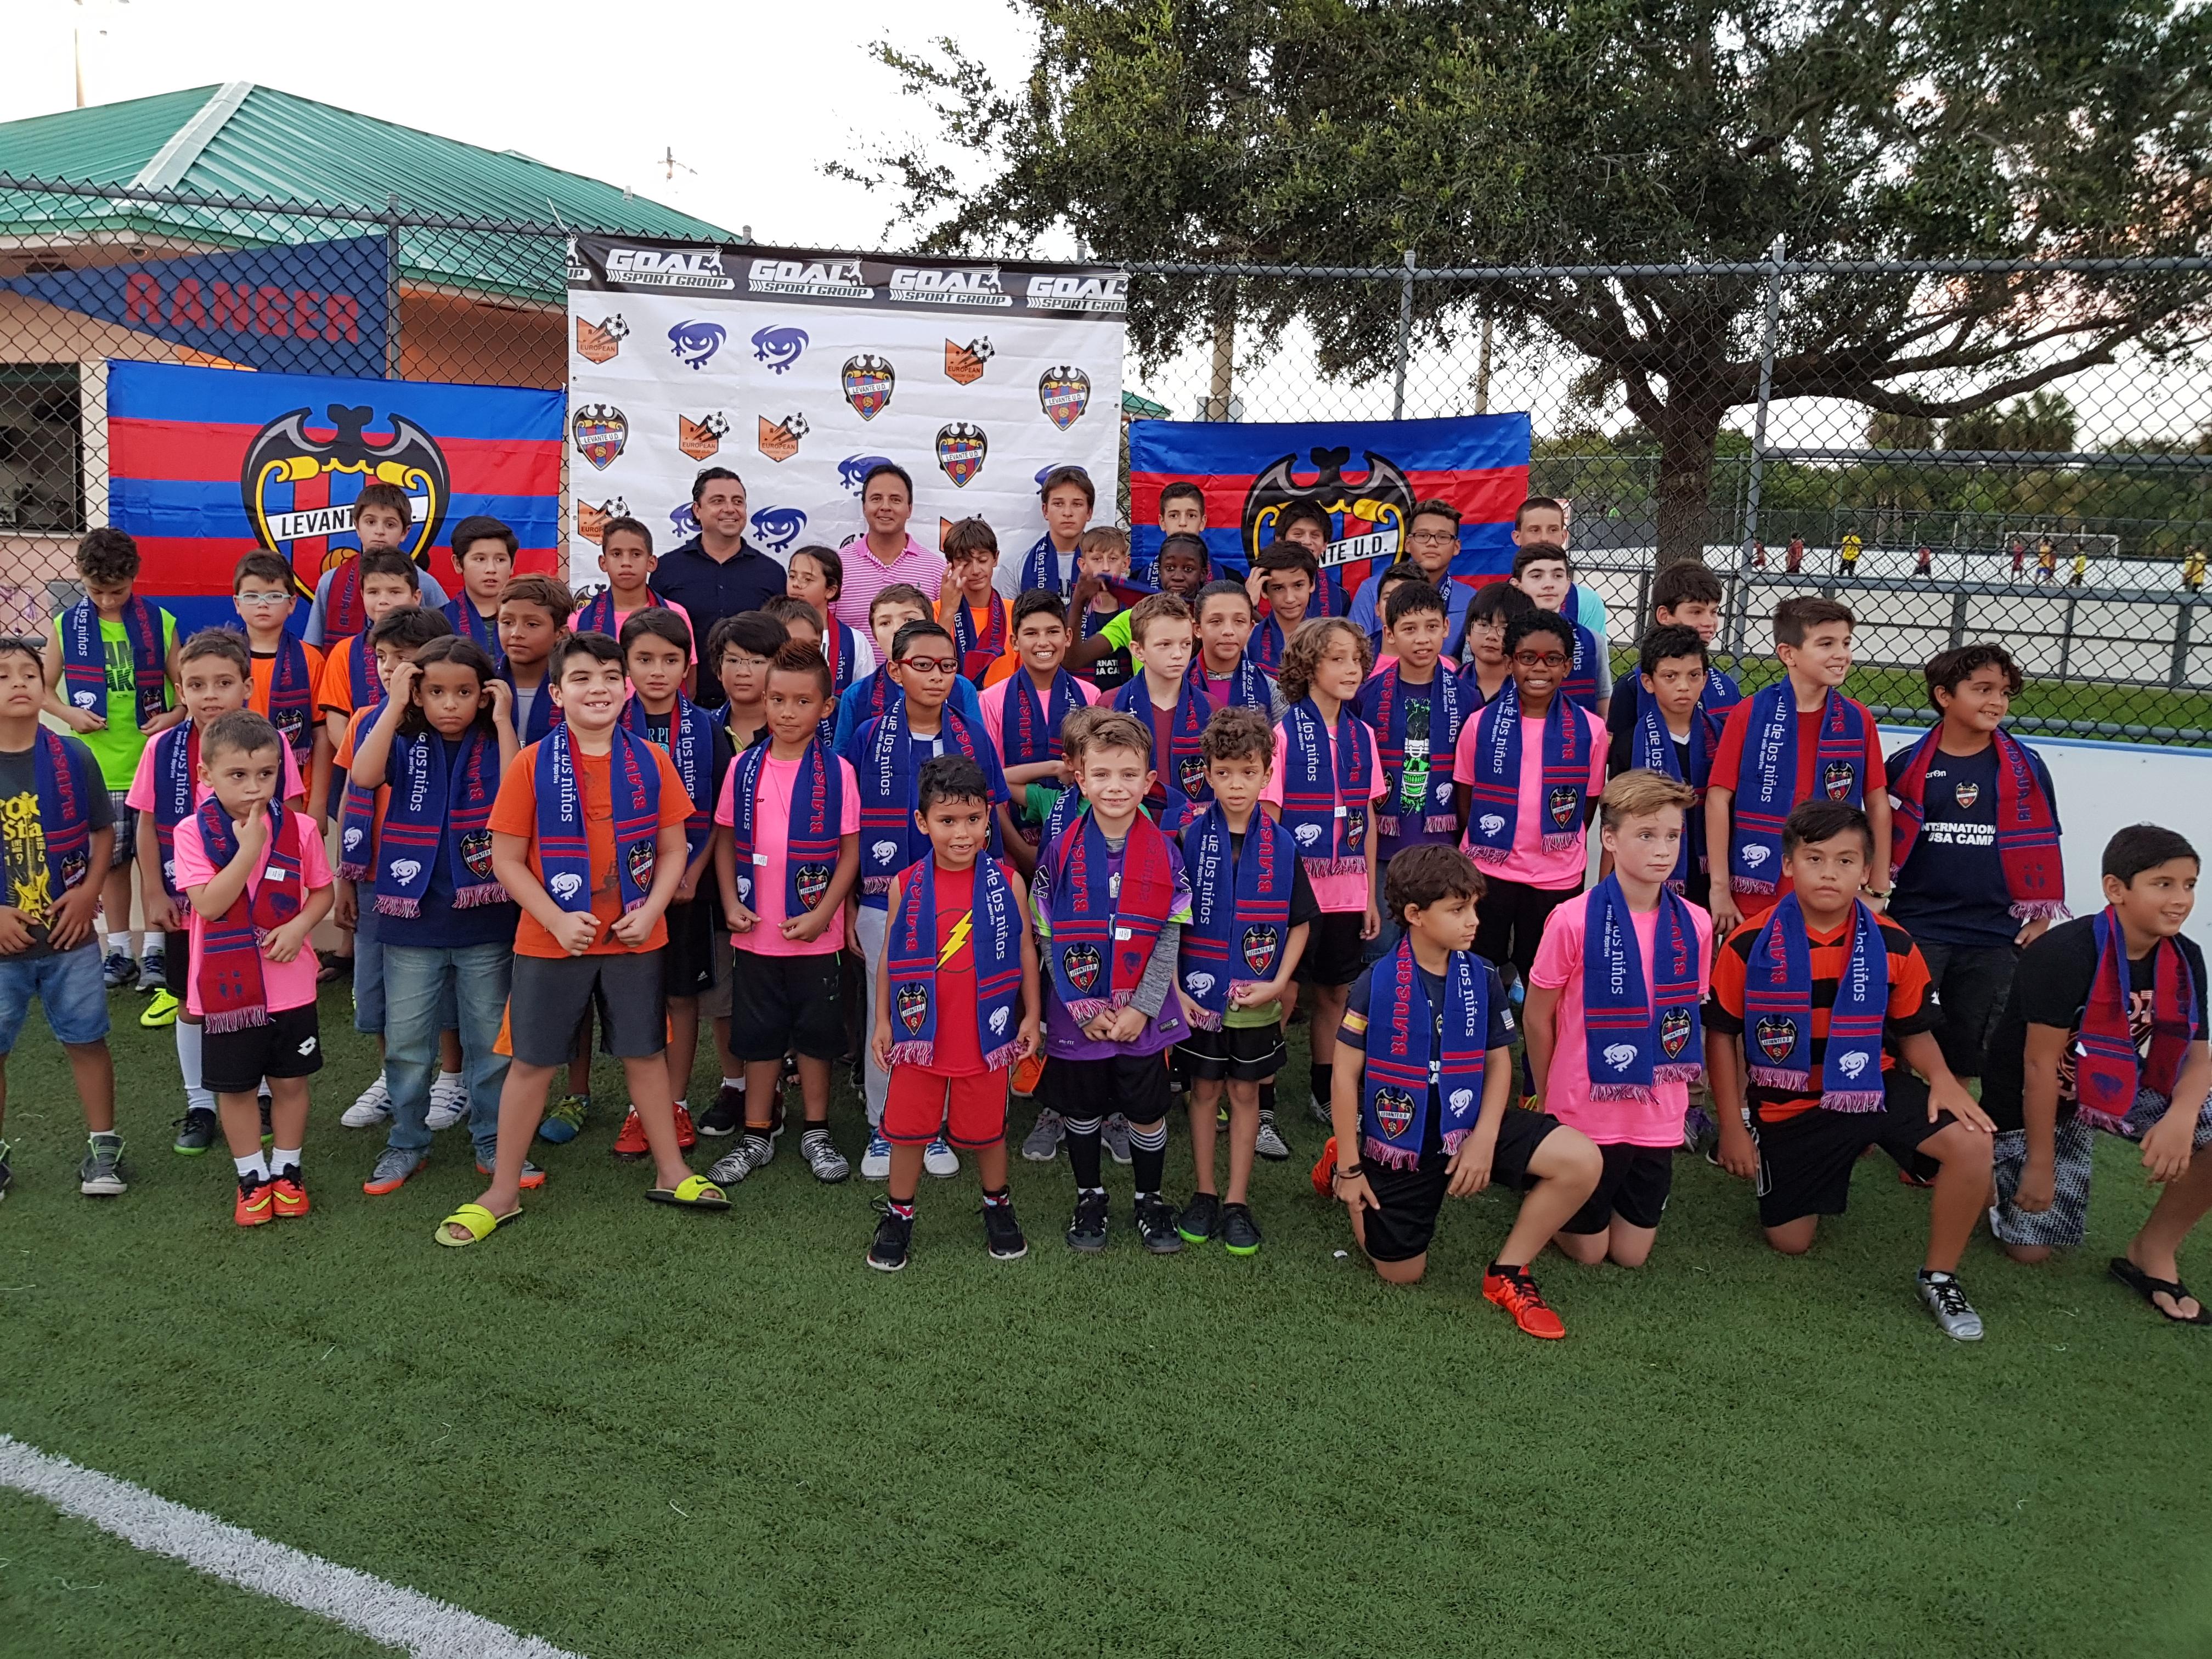 El @LevanteUD inaugura su primera academia de formación de fútbol en Estados Unidos